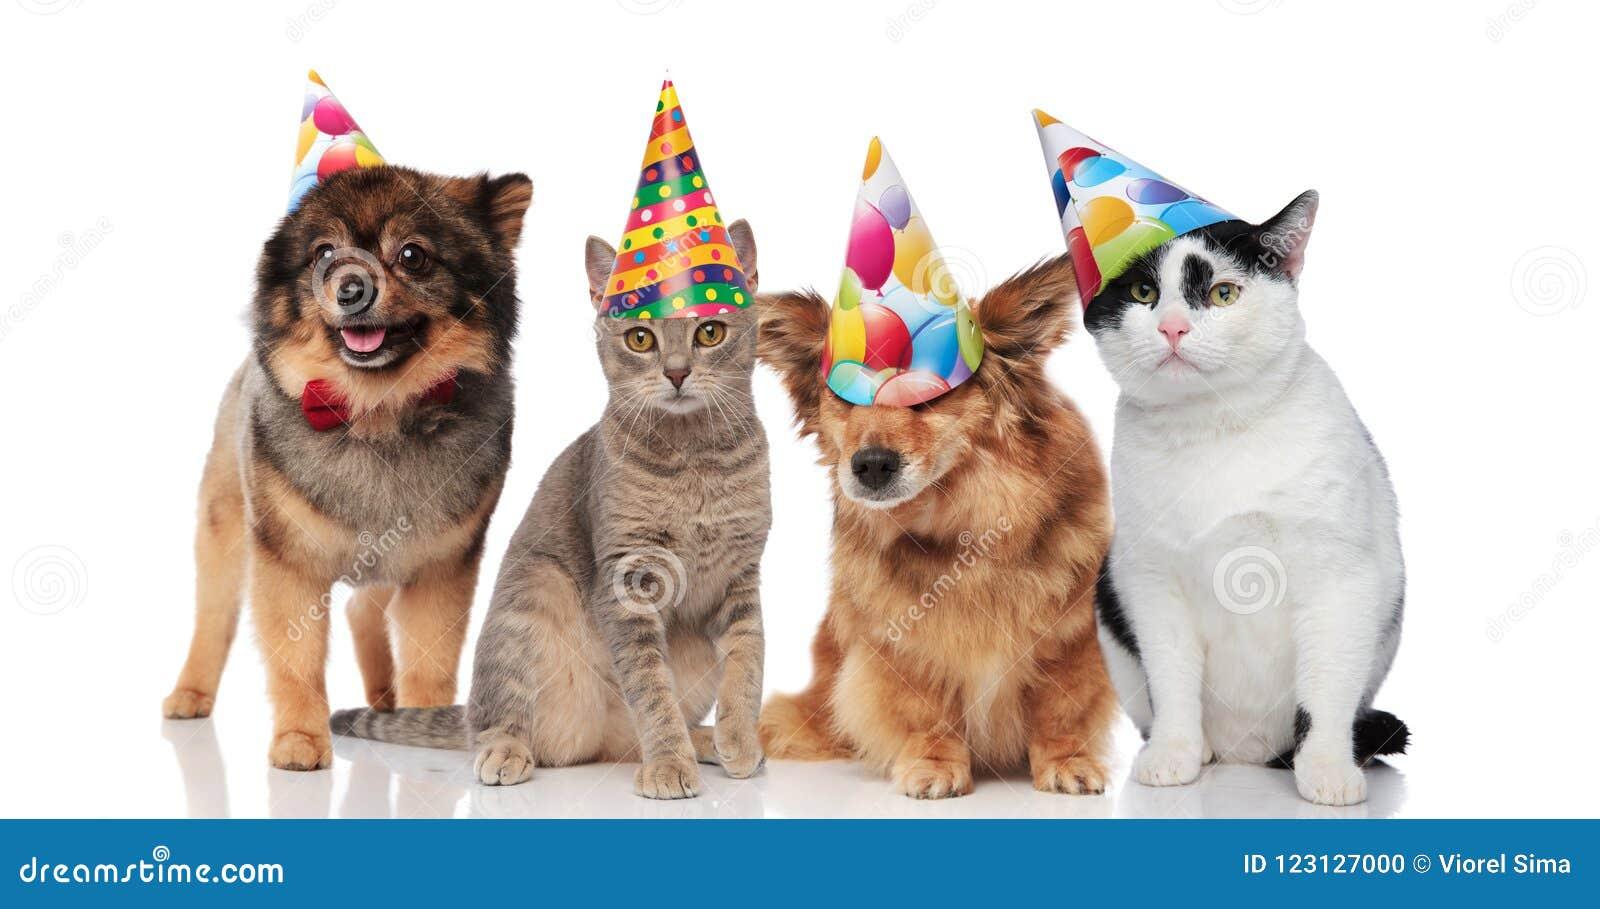 Un Gruppo Di Quattro Gatti E Cani Divertenti Con I Cappelli Di